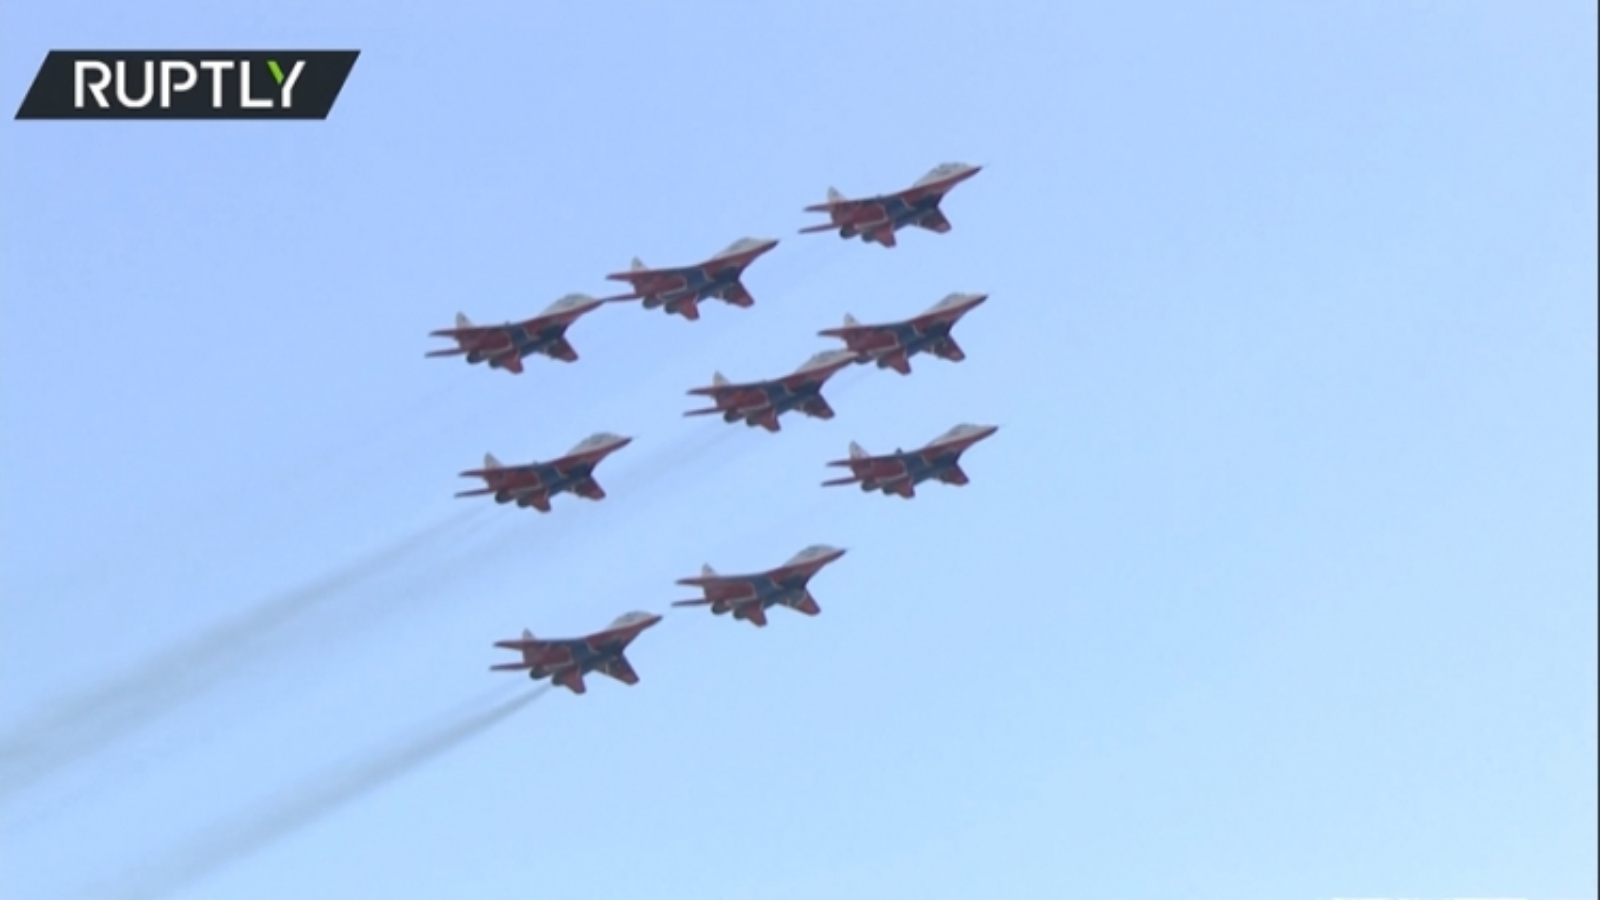 """Màn biểu diễn với """"đội hình kim cương"""" của phi đội Swifts tại MAKS 2021"""